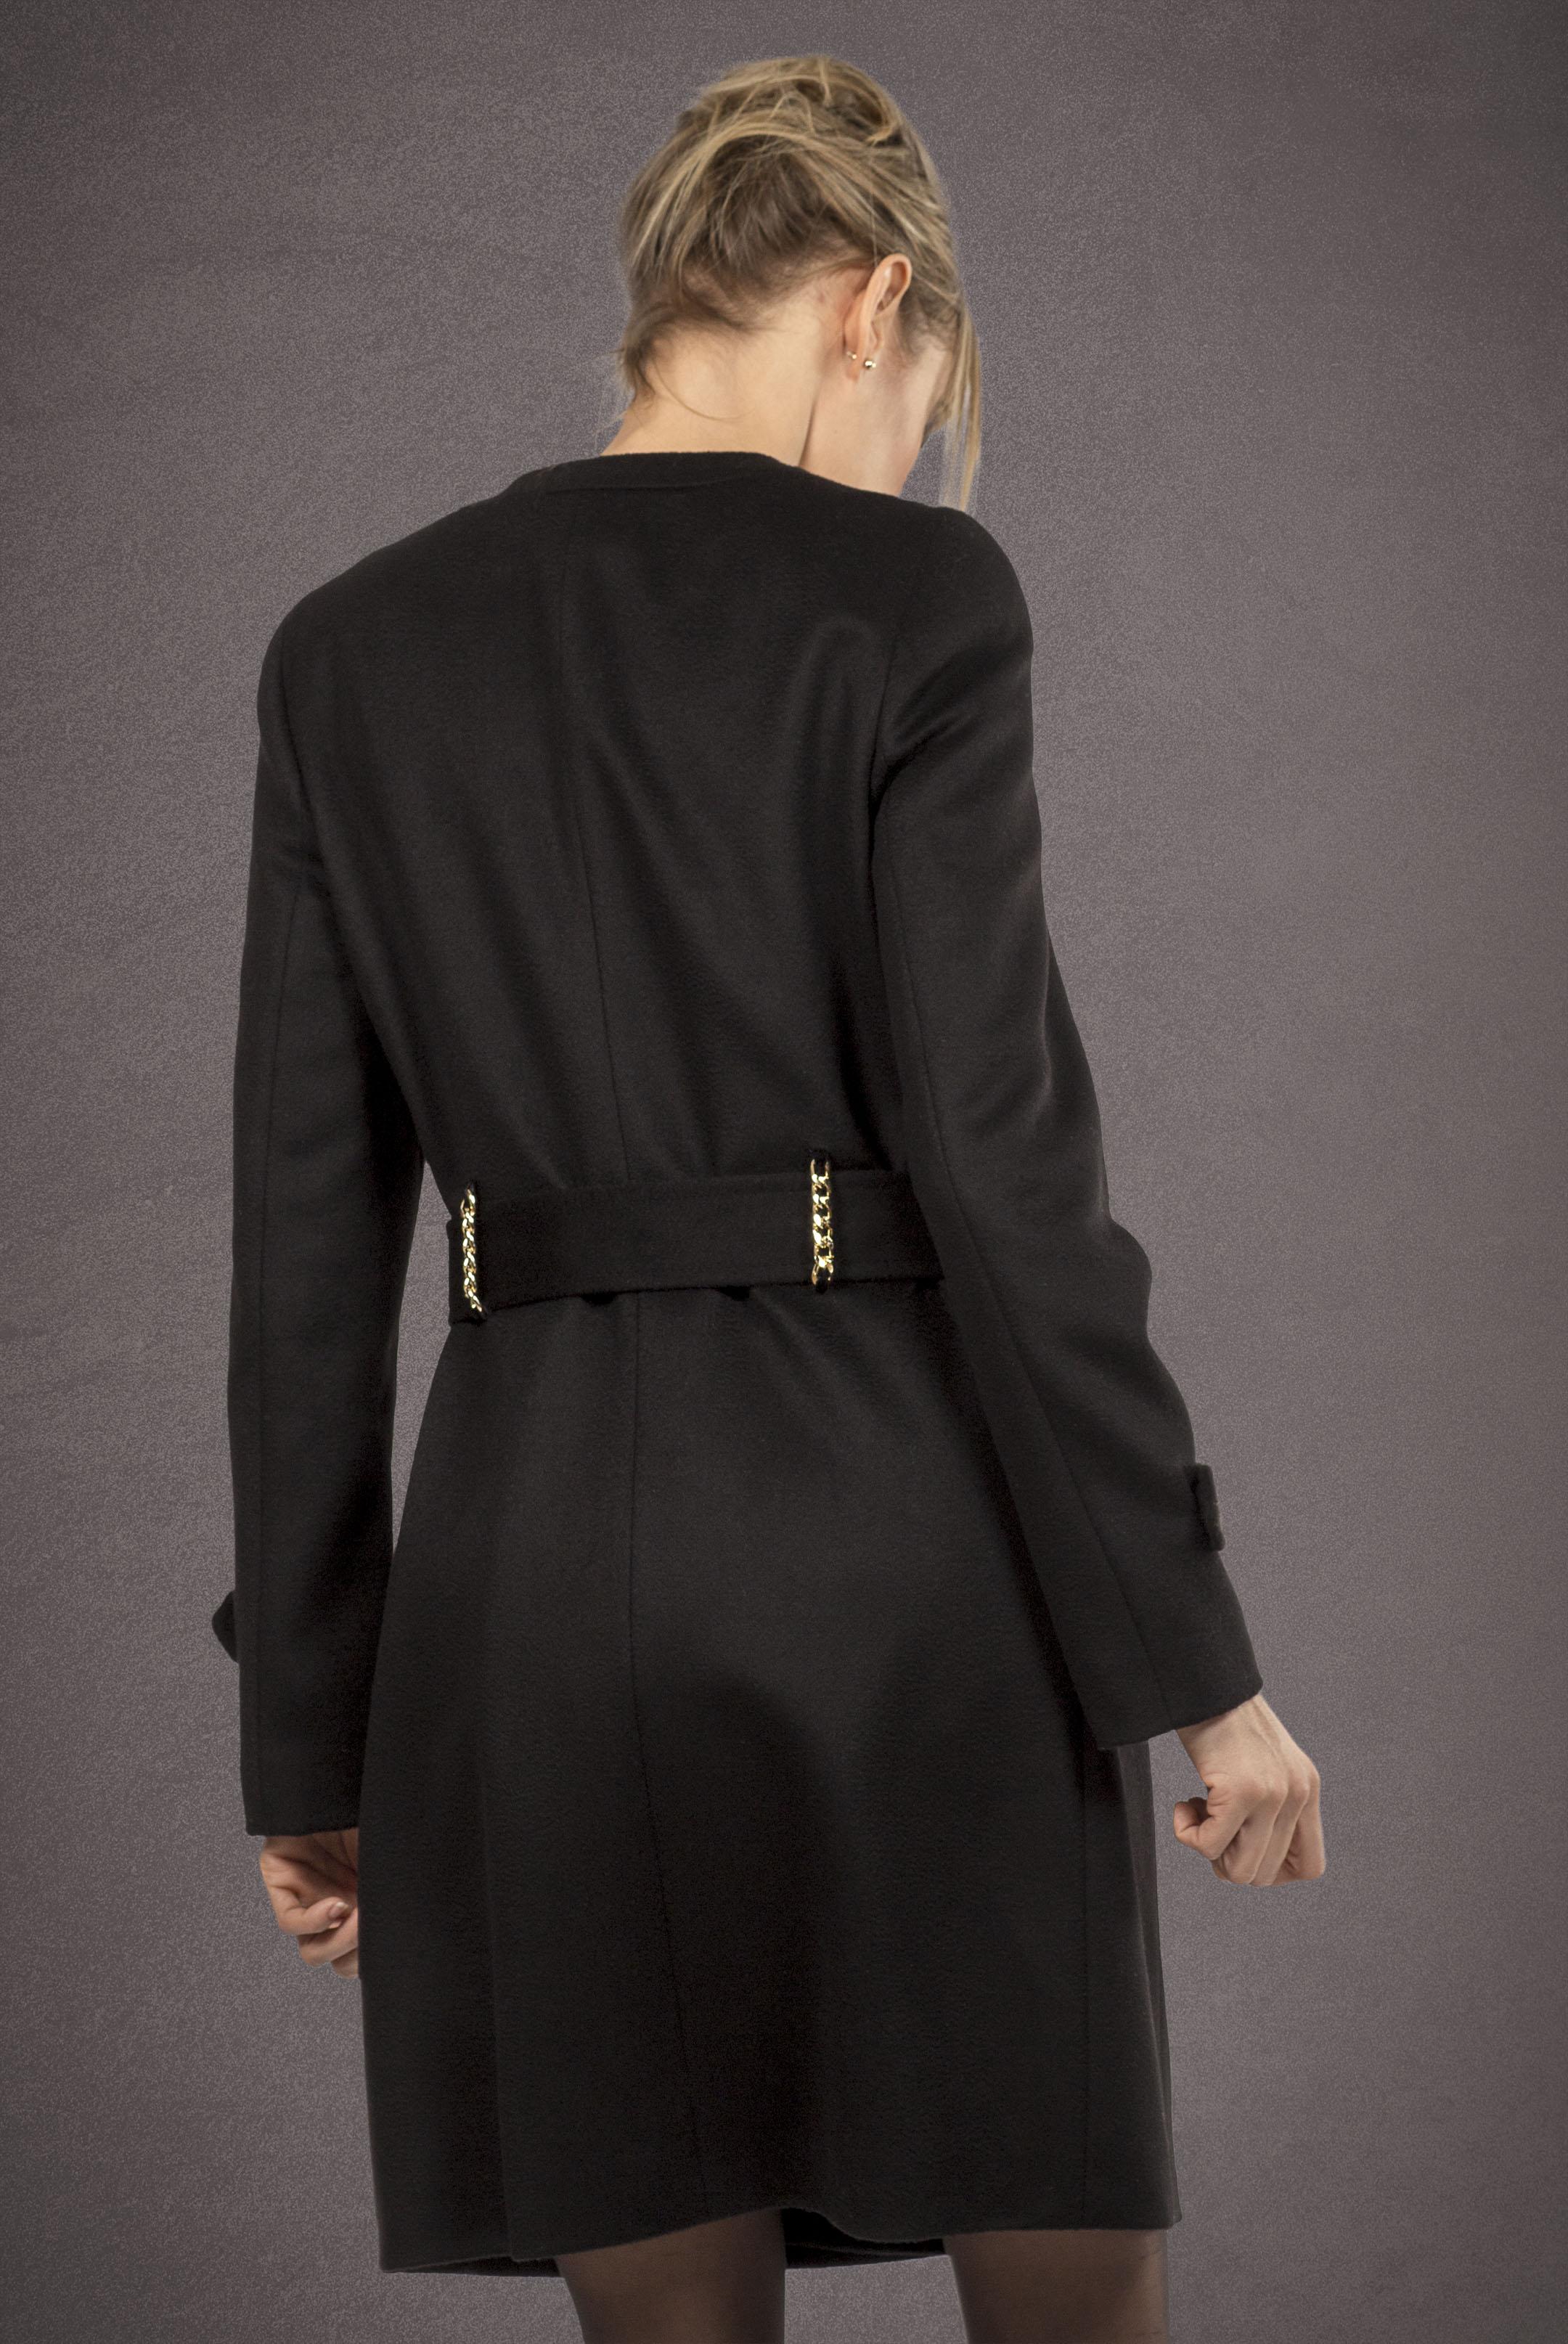 Meldes De Luxe – Manteau laine cintré sans col - Noir - Réf: 389-1-01